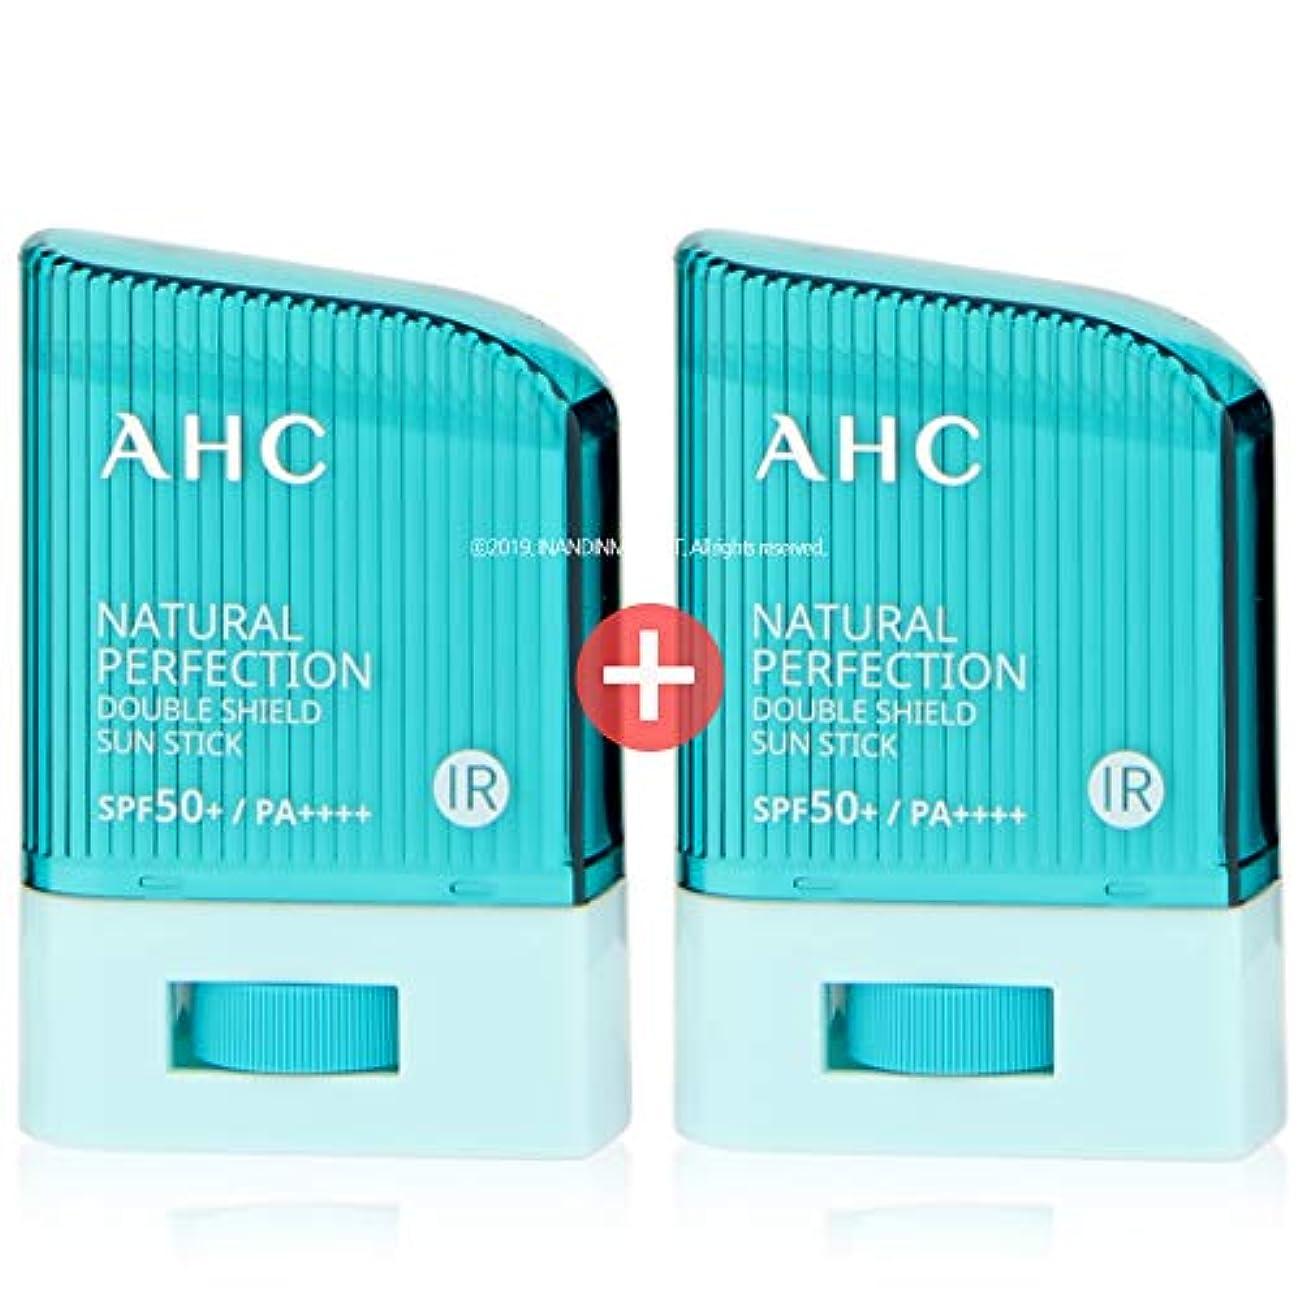 脊椎アレルギー性賄賂[ 1+1 ] AHC ナチュラルパーフェクションダブルシールドサンスティック 14g, Natural Perfection Double Shield Sun Stick SPF50+ PA++++